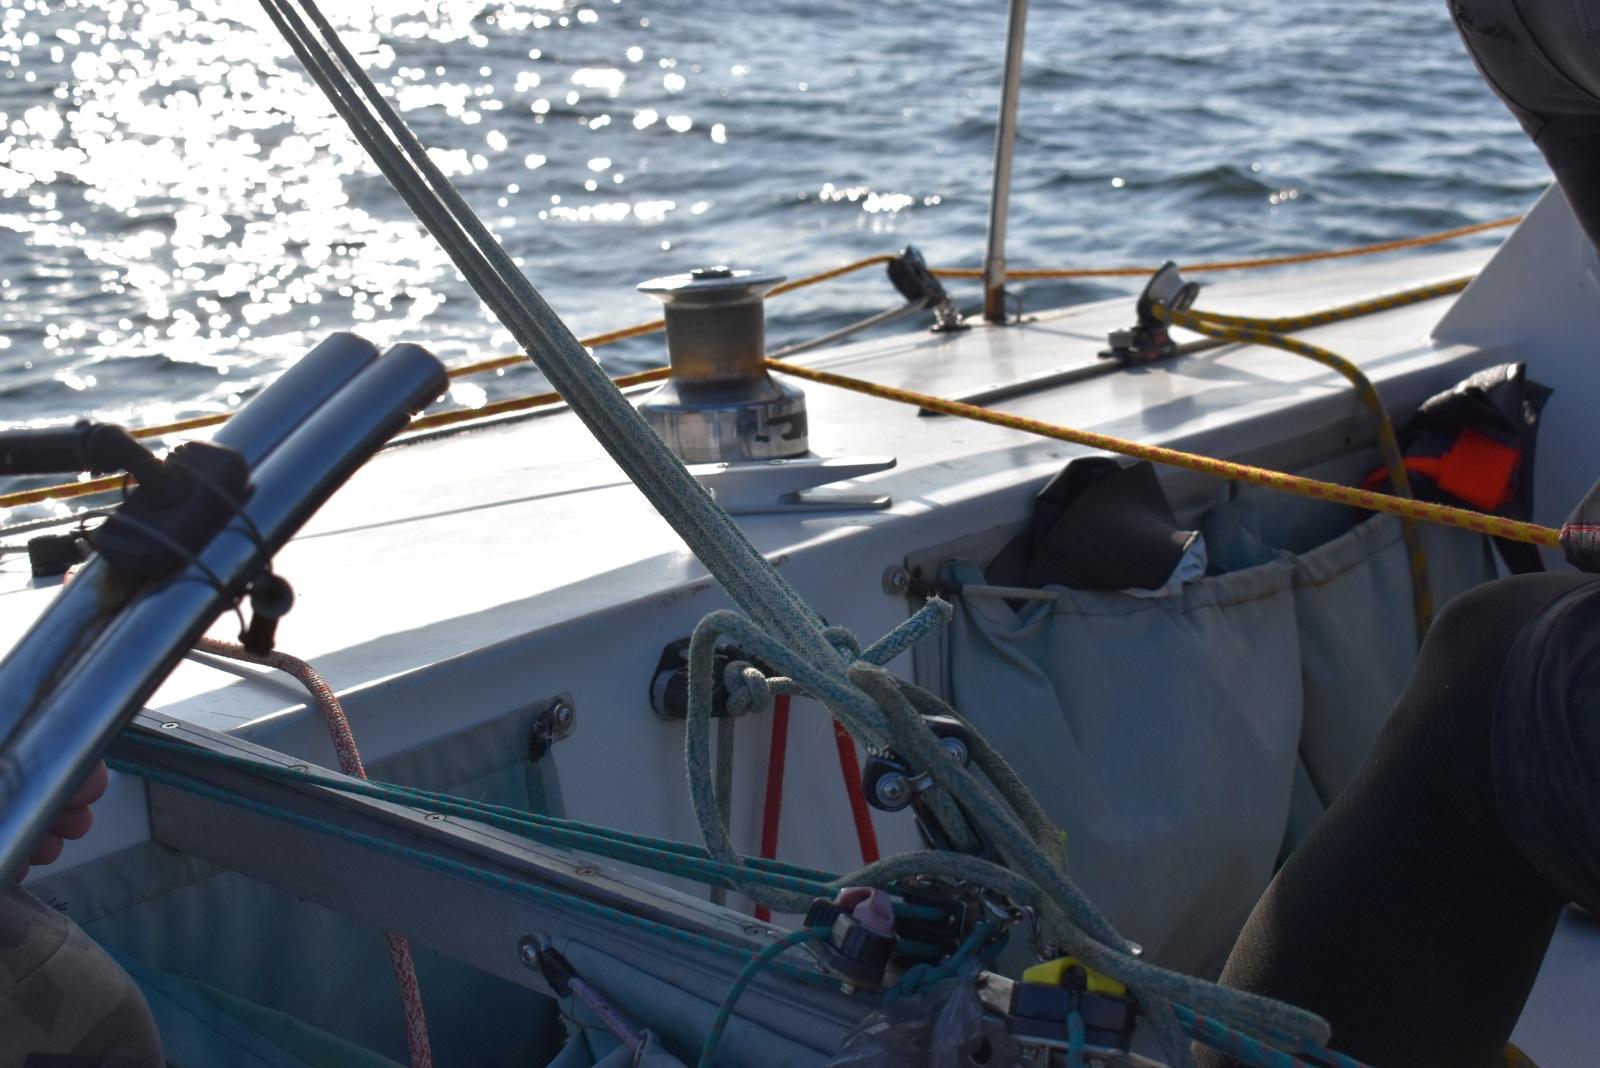 Спорт25, парус, яхта, парусный спорт, Владивосток, Японское море